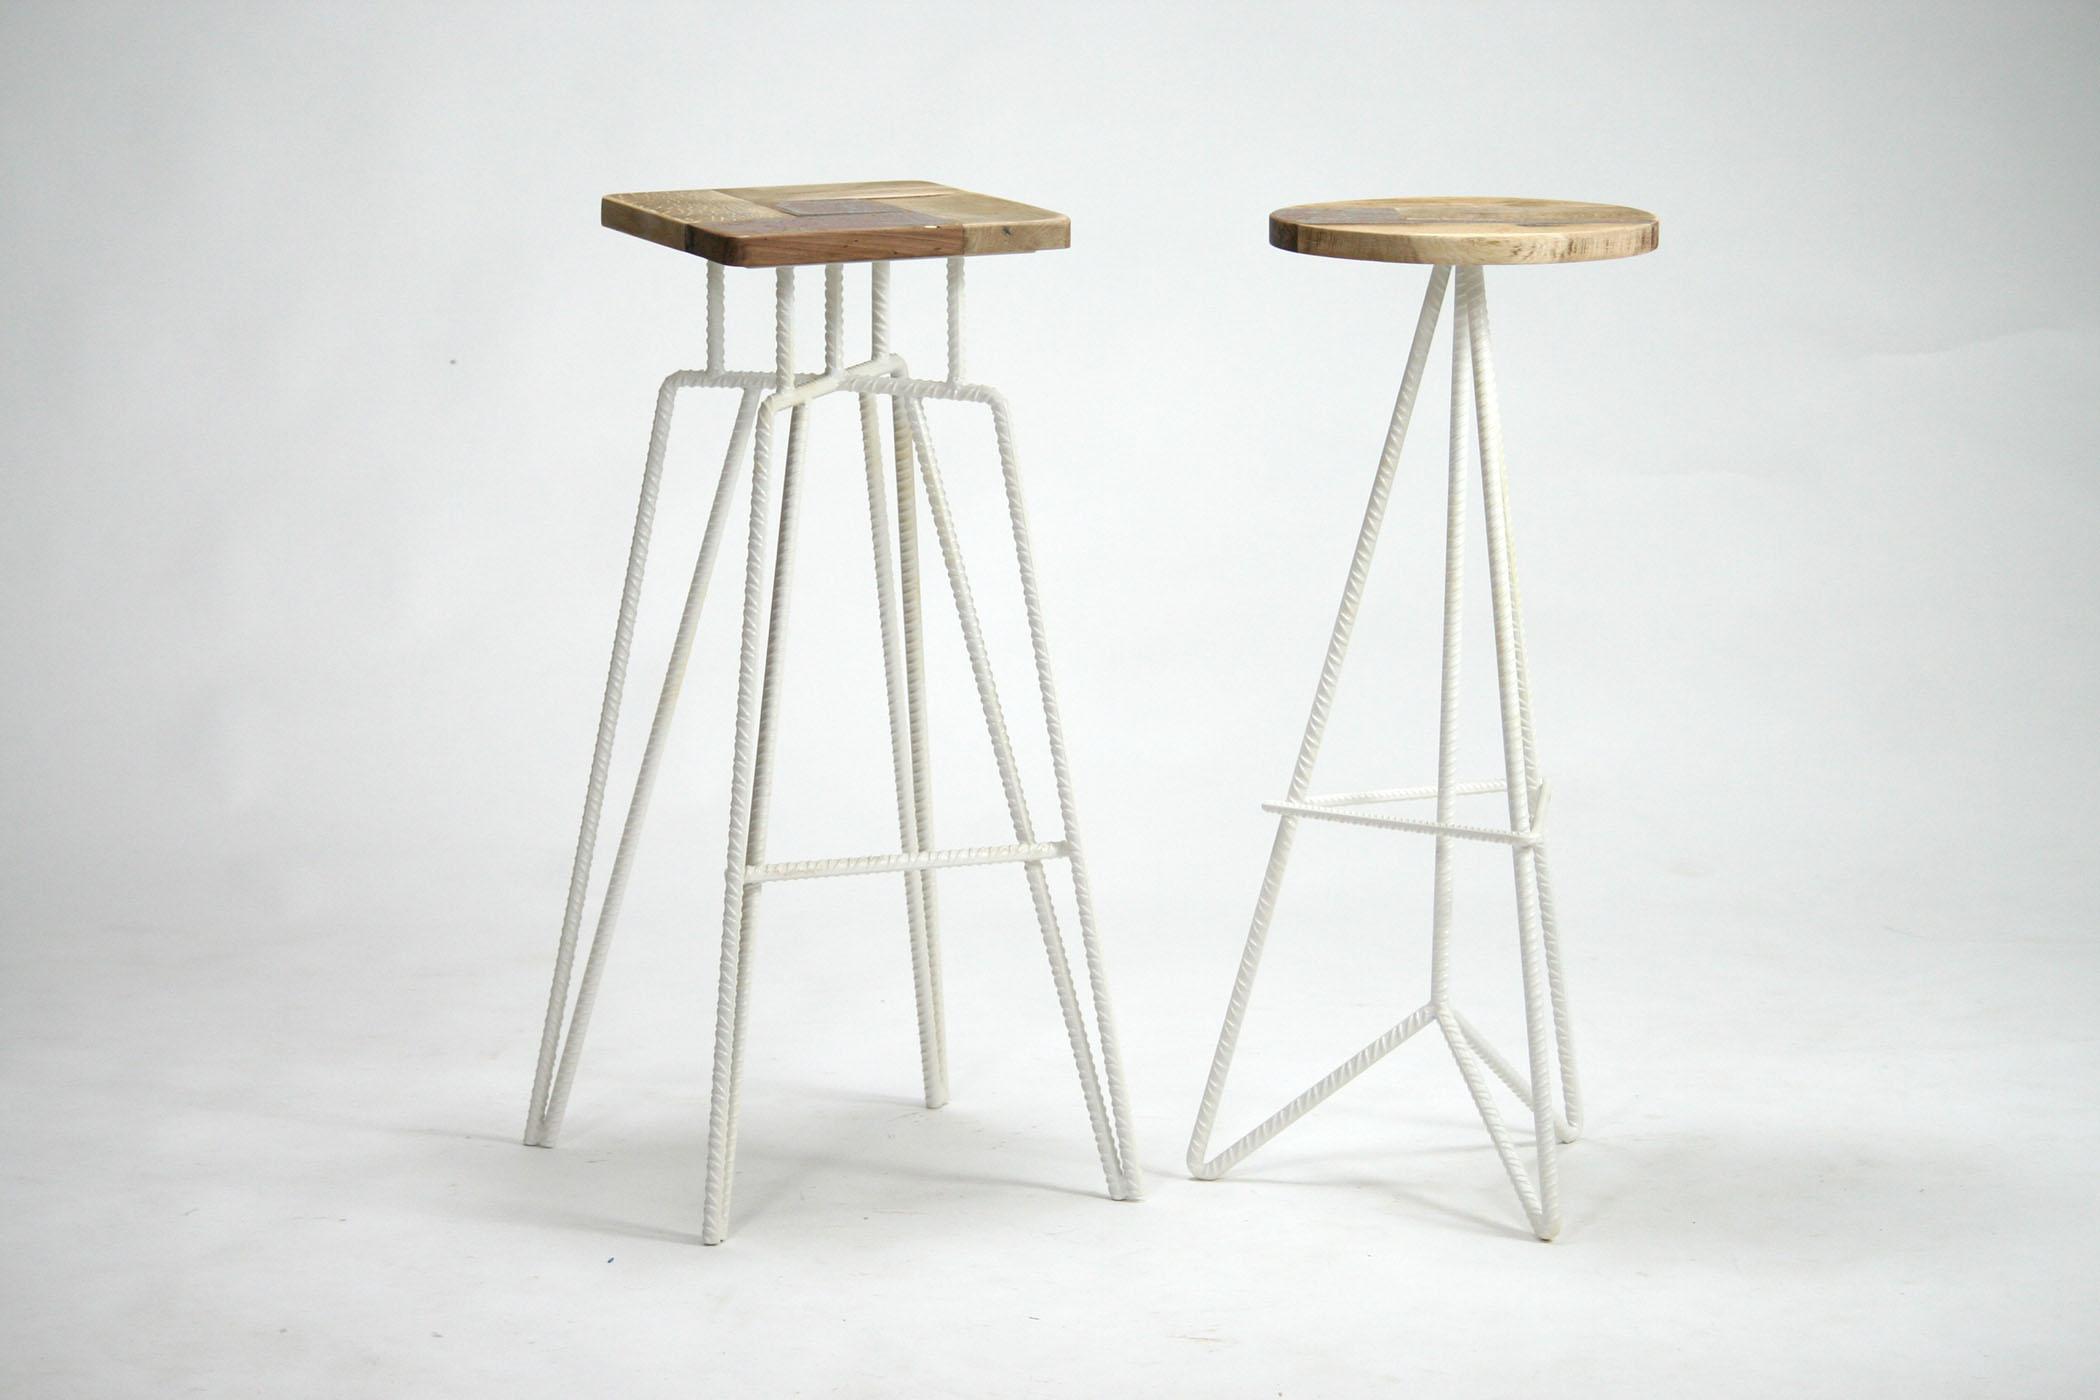 Sgabelli vintage usati tavolini usati vintage